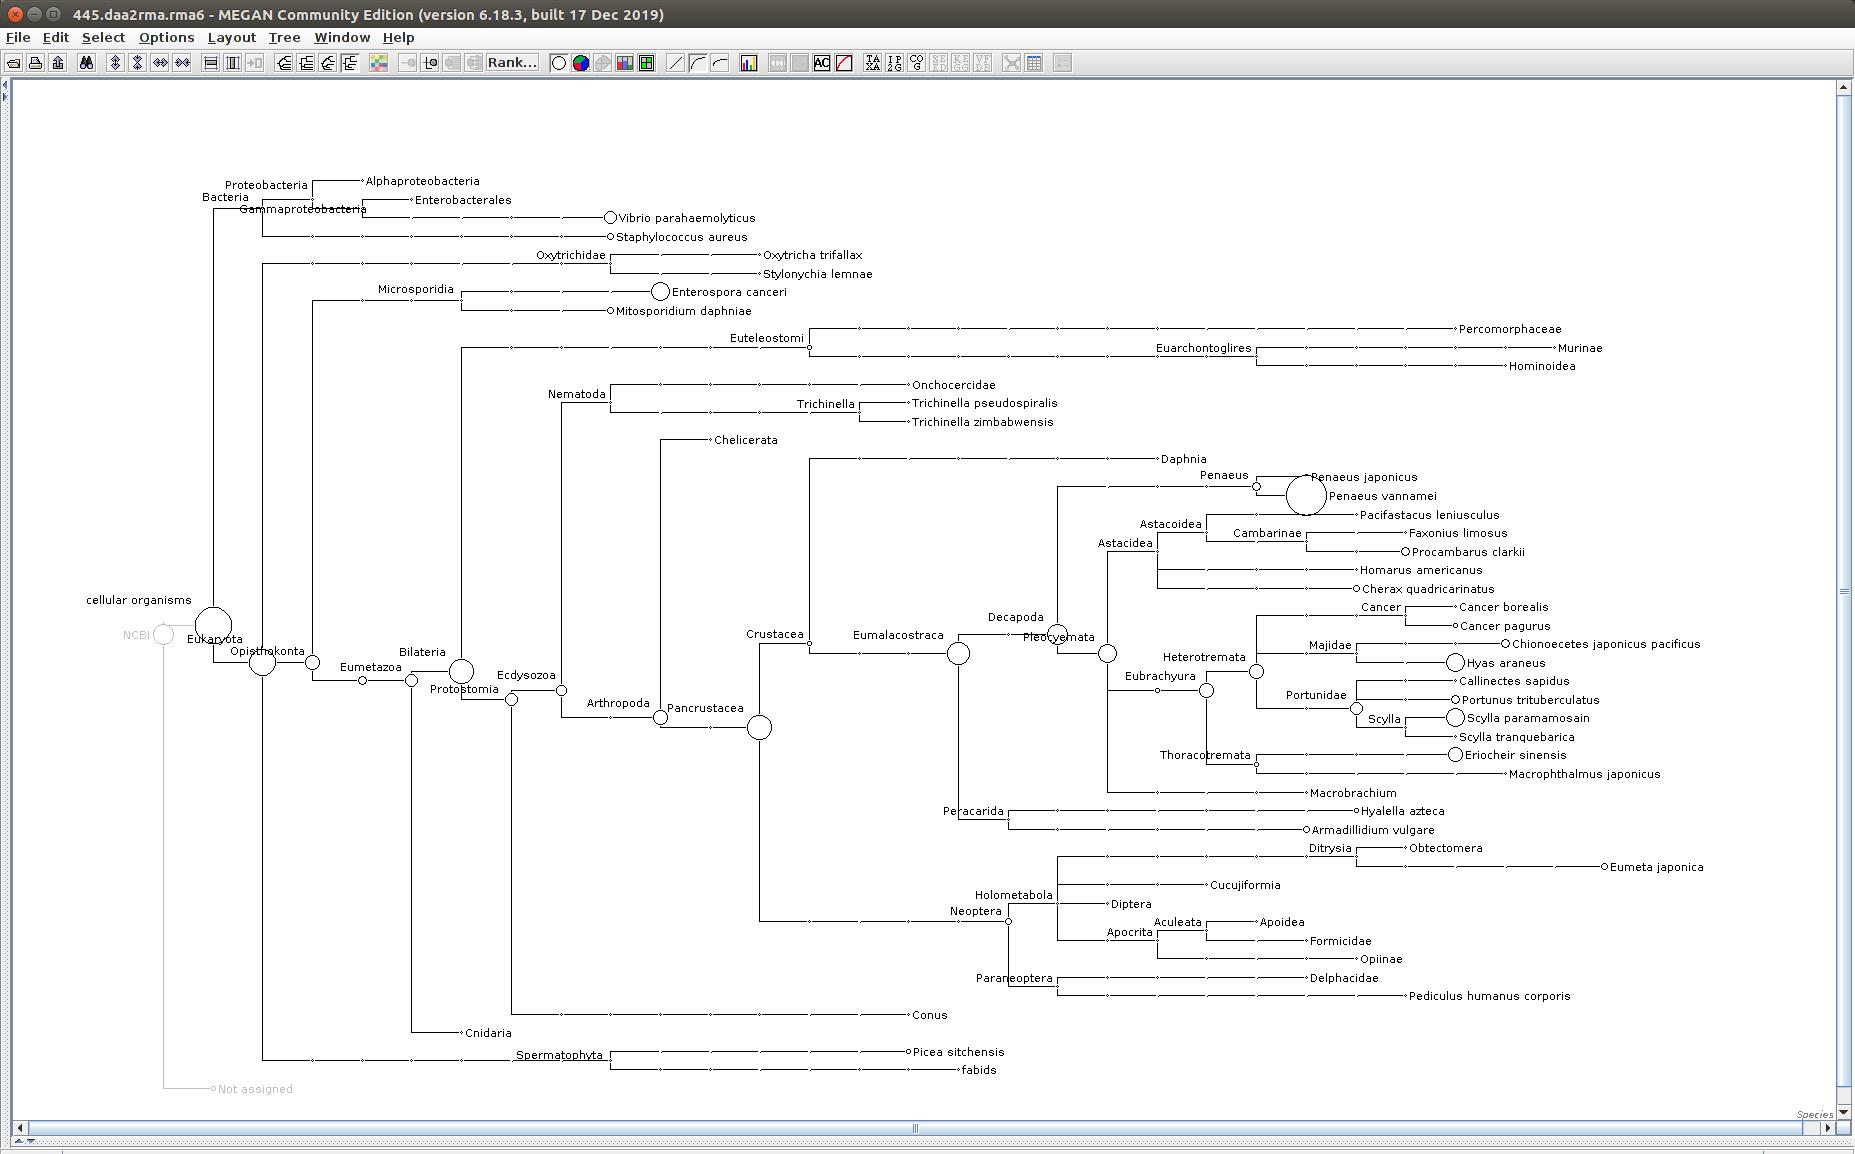 445 MEGAN6 taxonomic tree